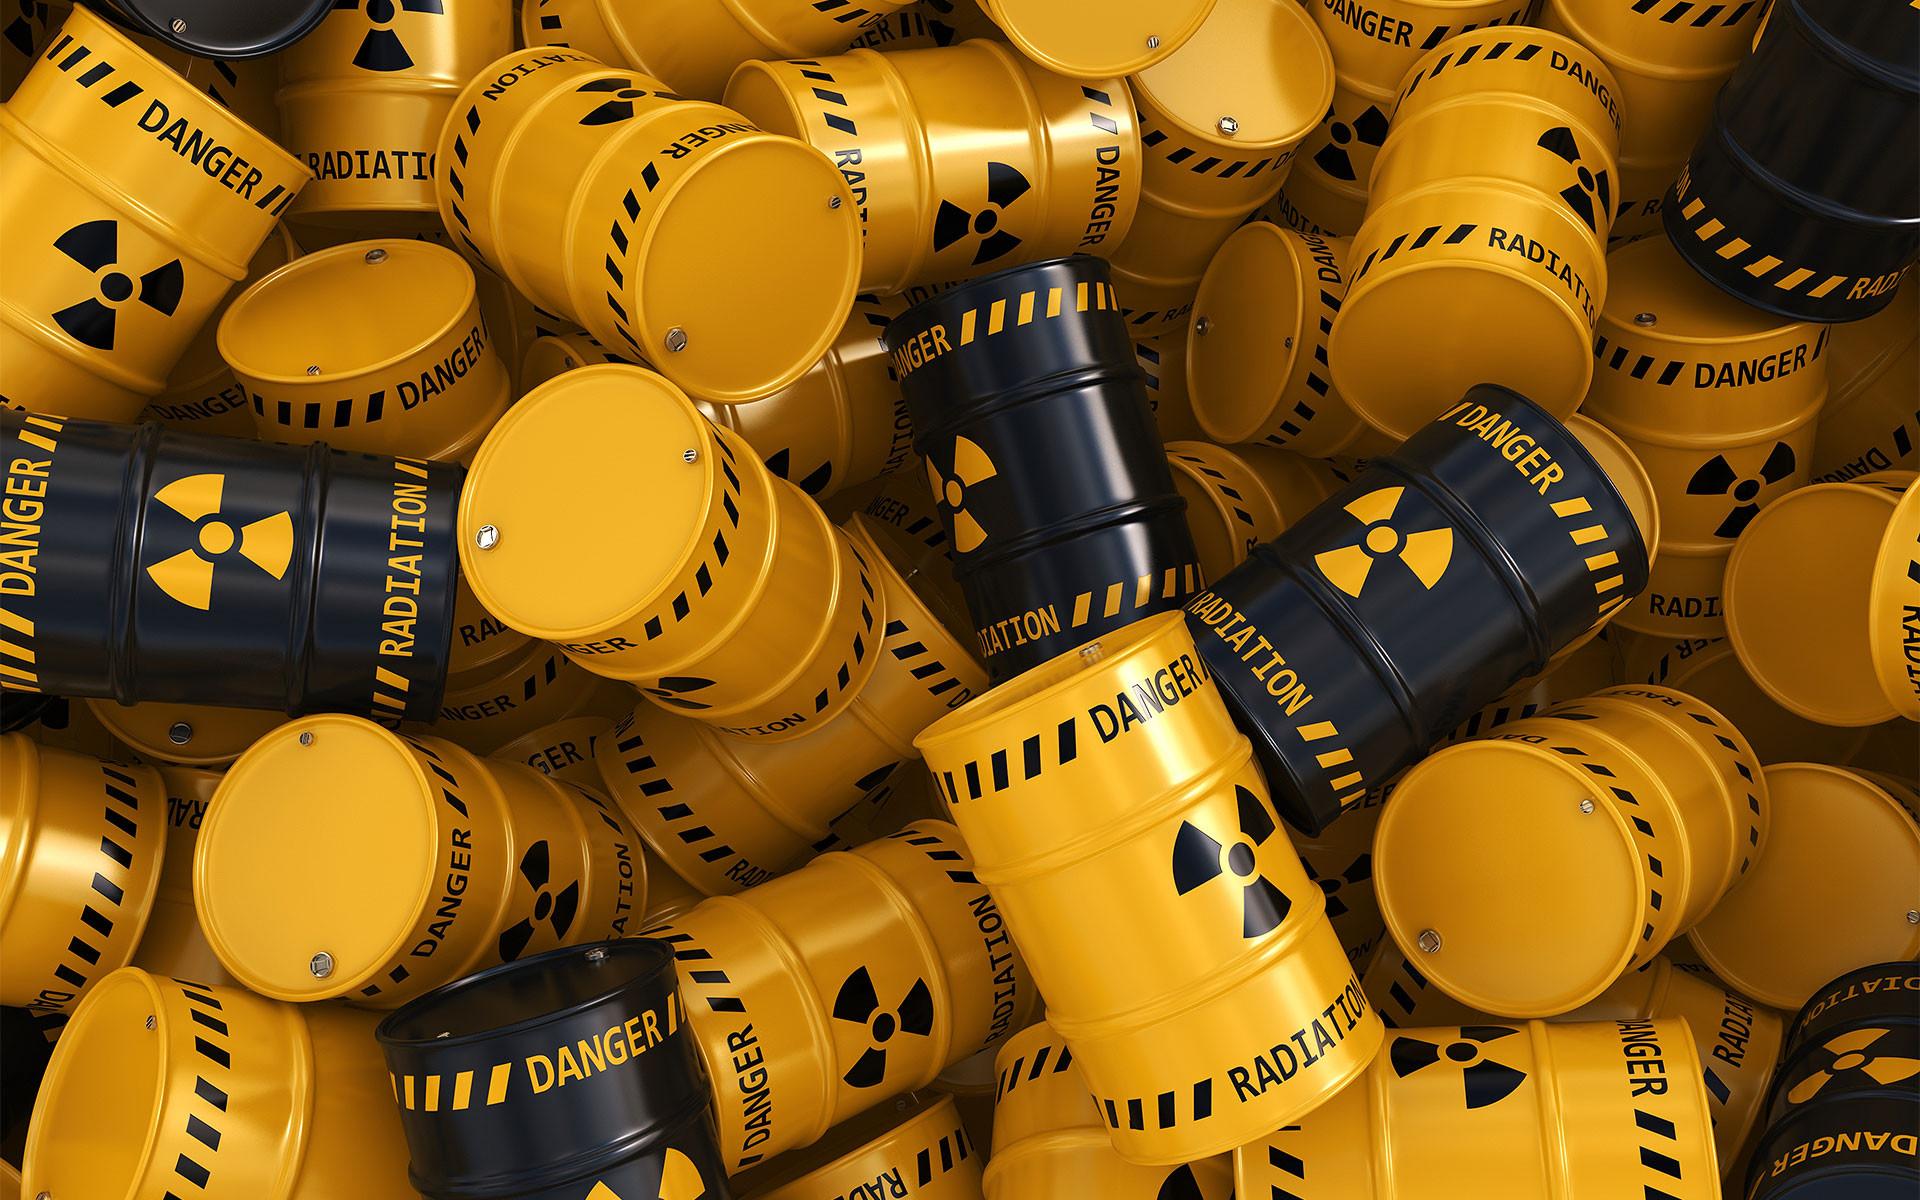 ядерное топливо картинка изображениях